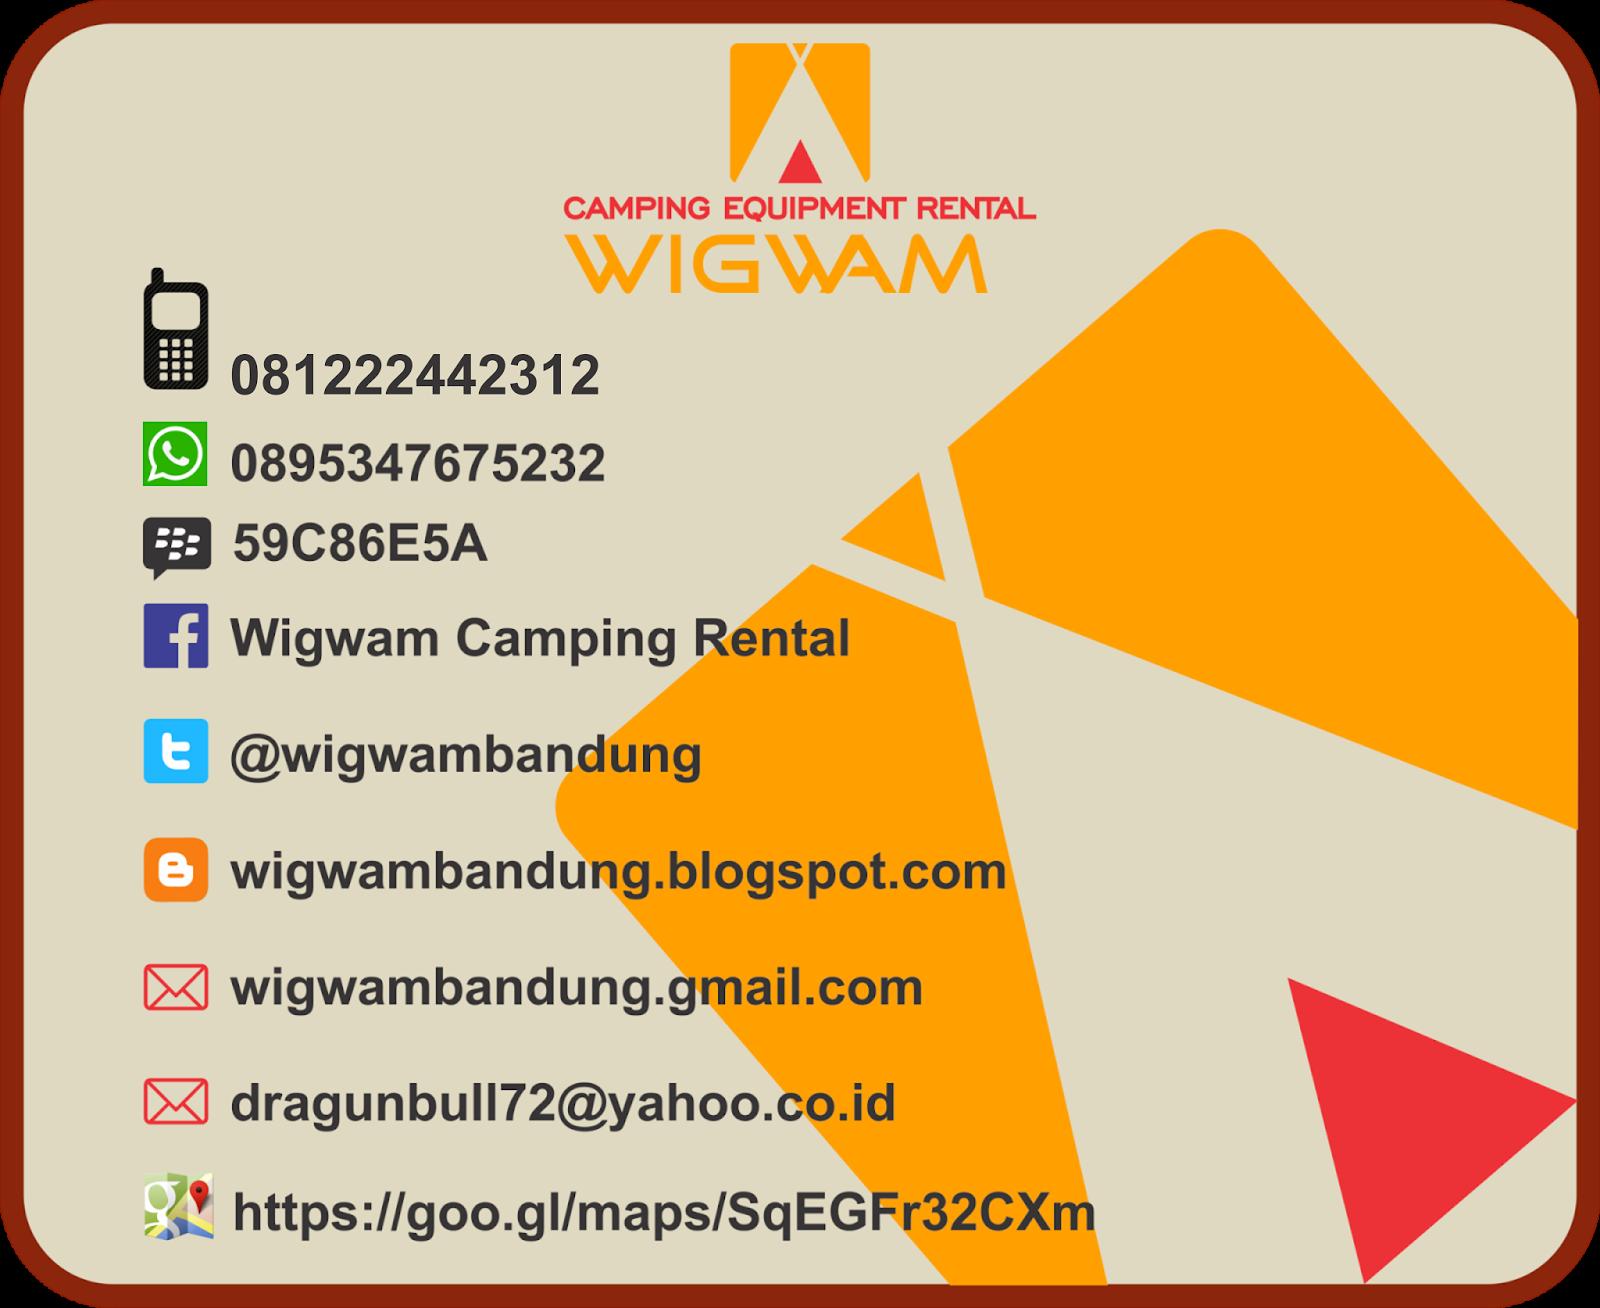 Wigwam Camping Equipment Rental Harga Sewa Tenda Alat Camping Murah Di Bandung